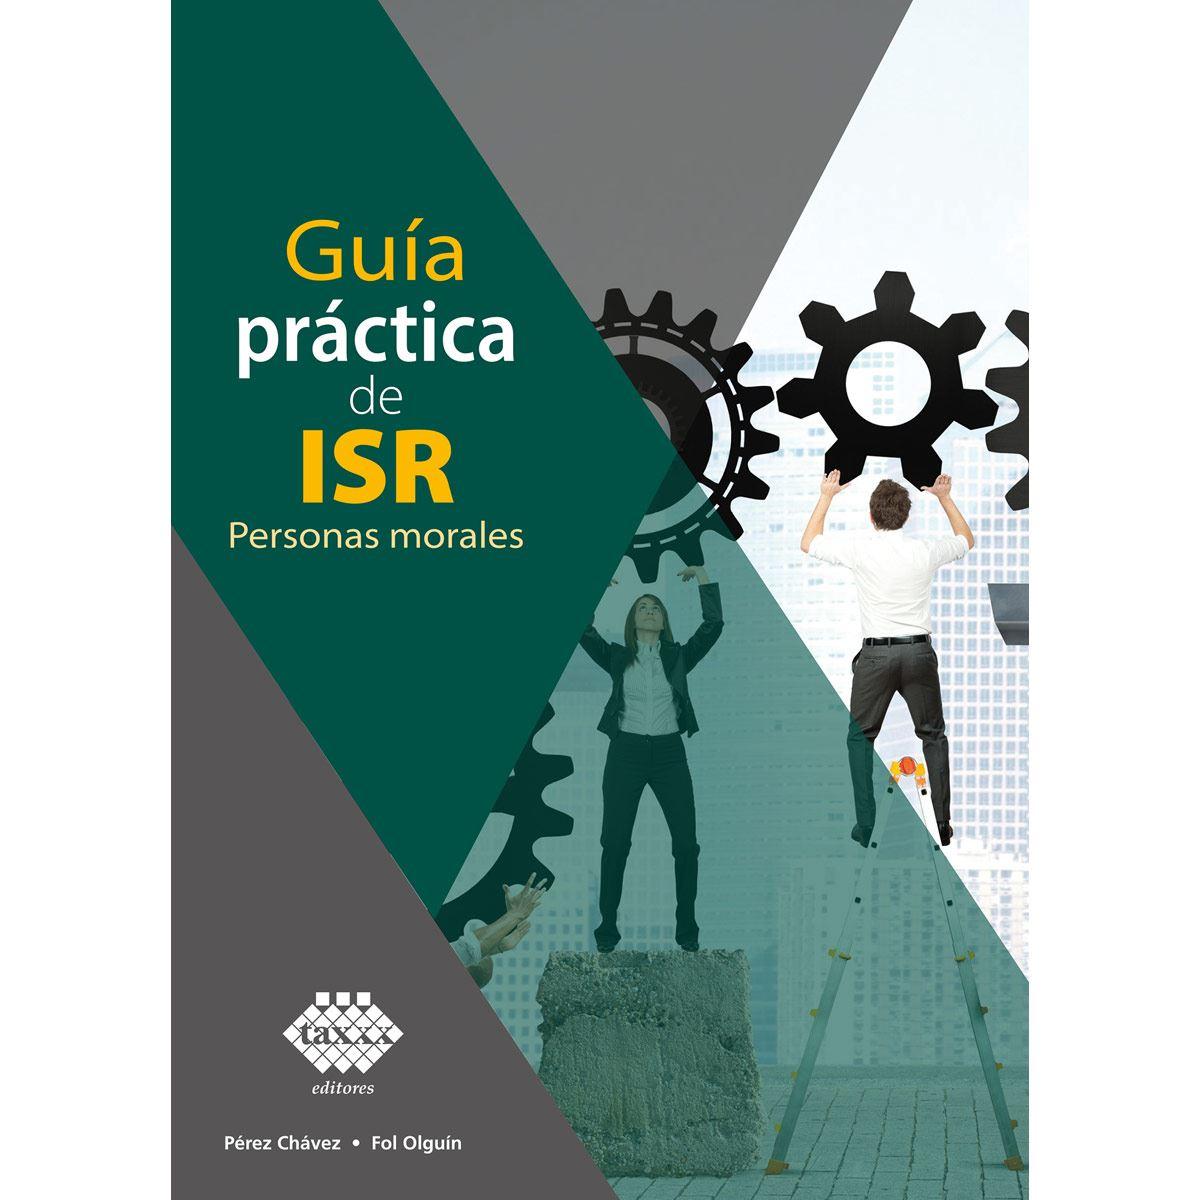 Guía práctica de ISR Personas morales 2021